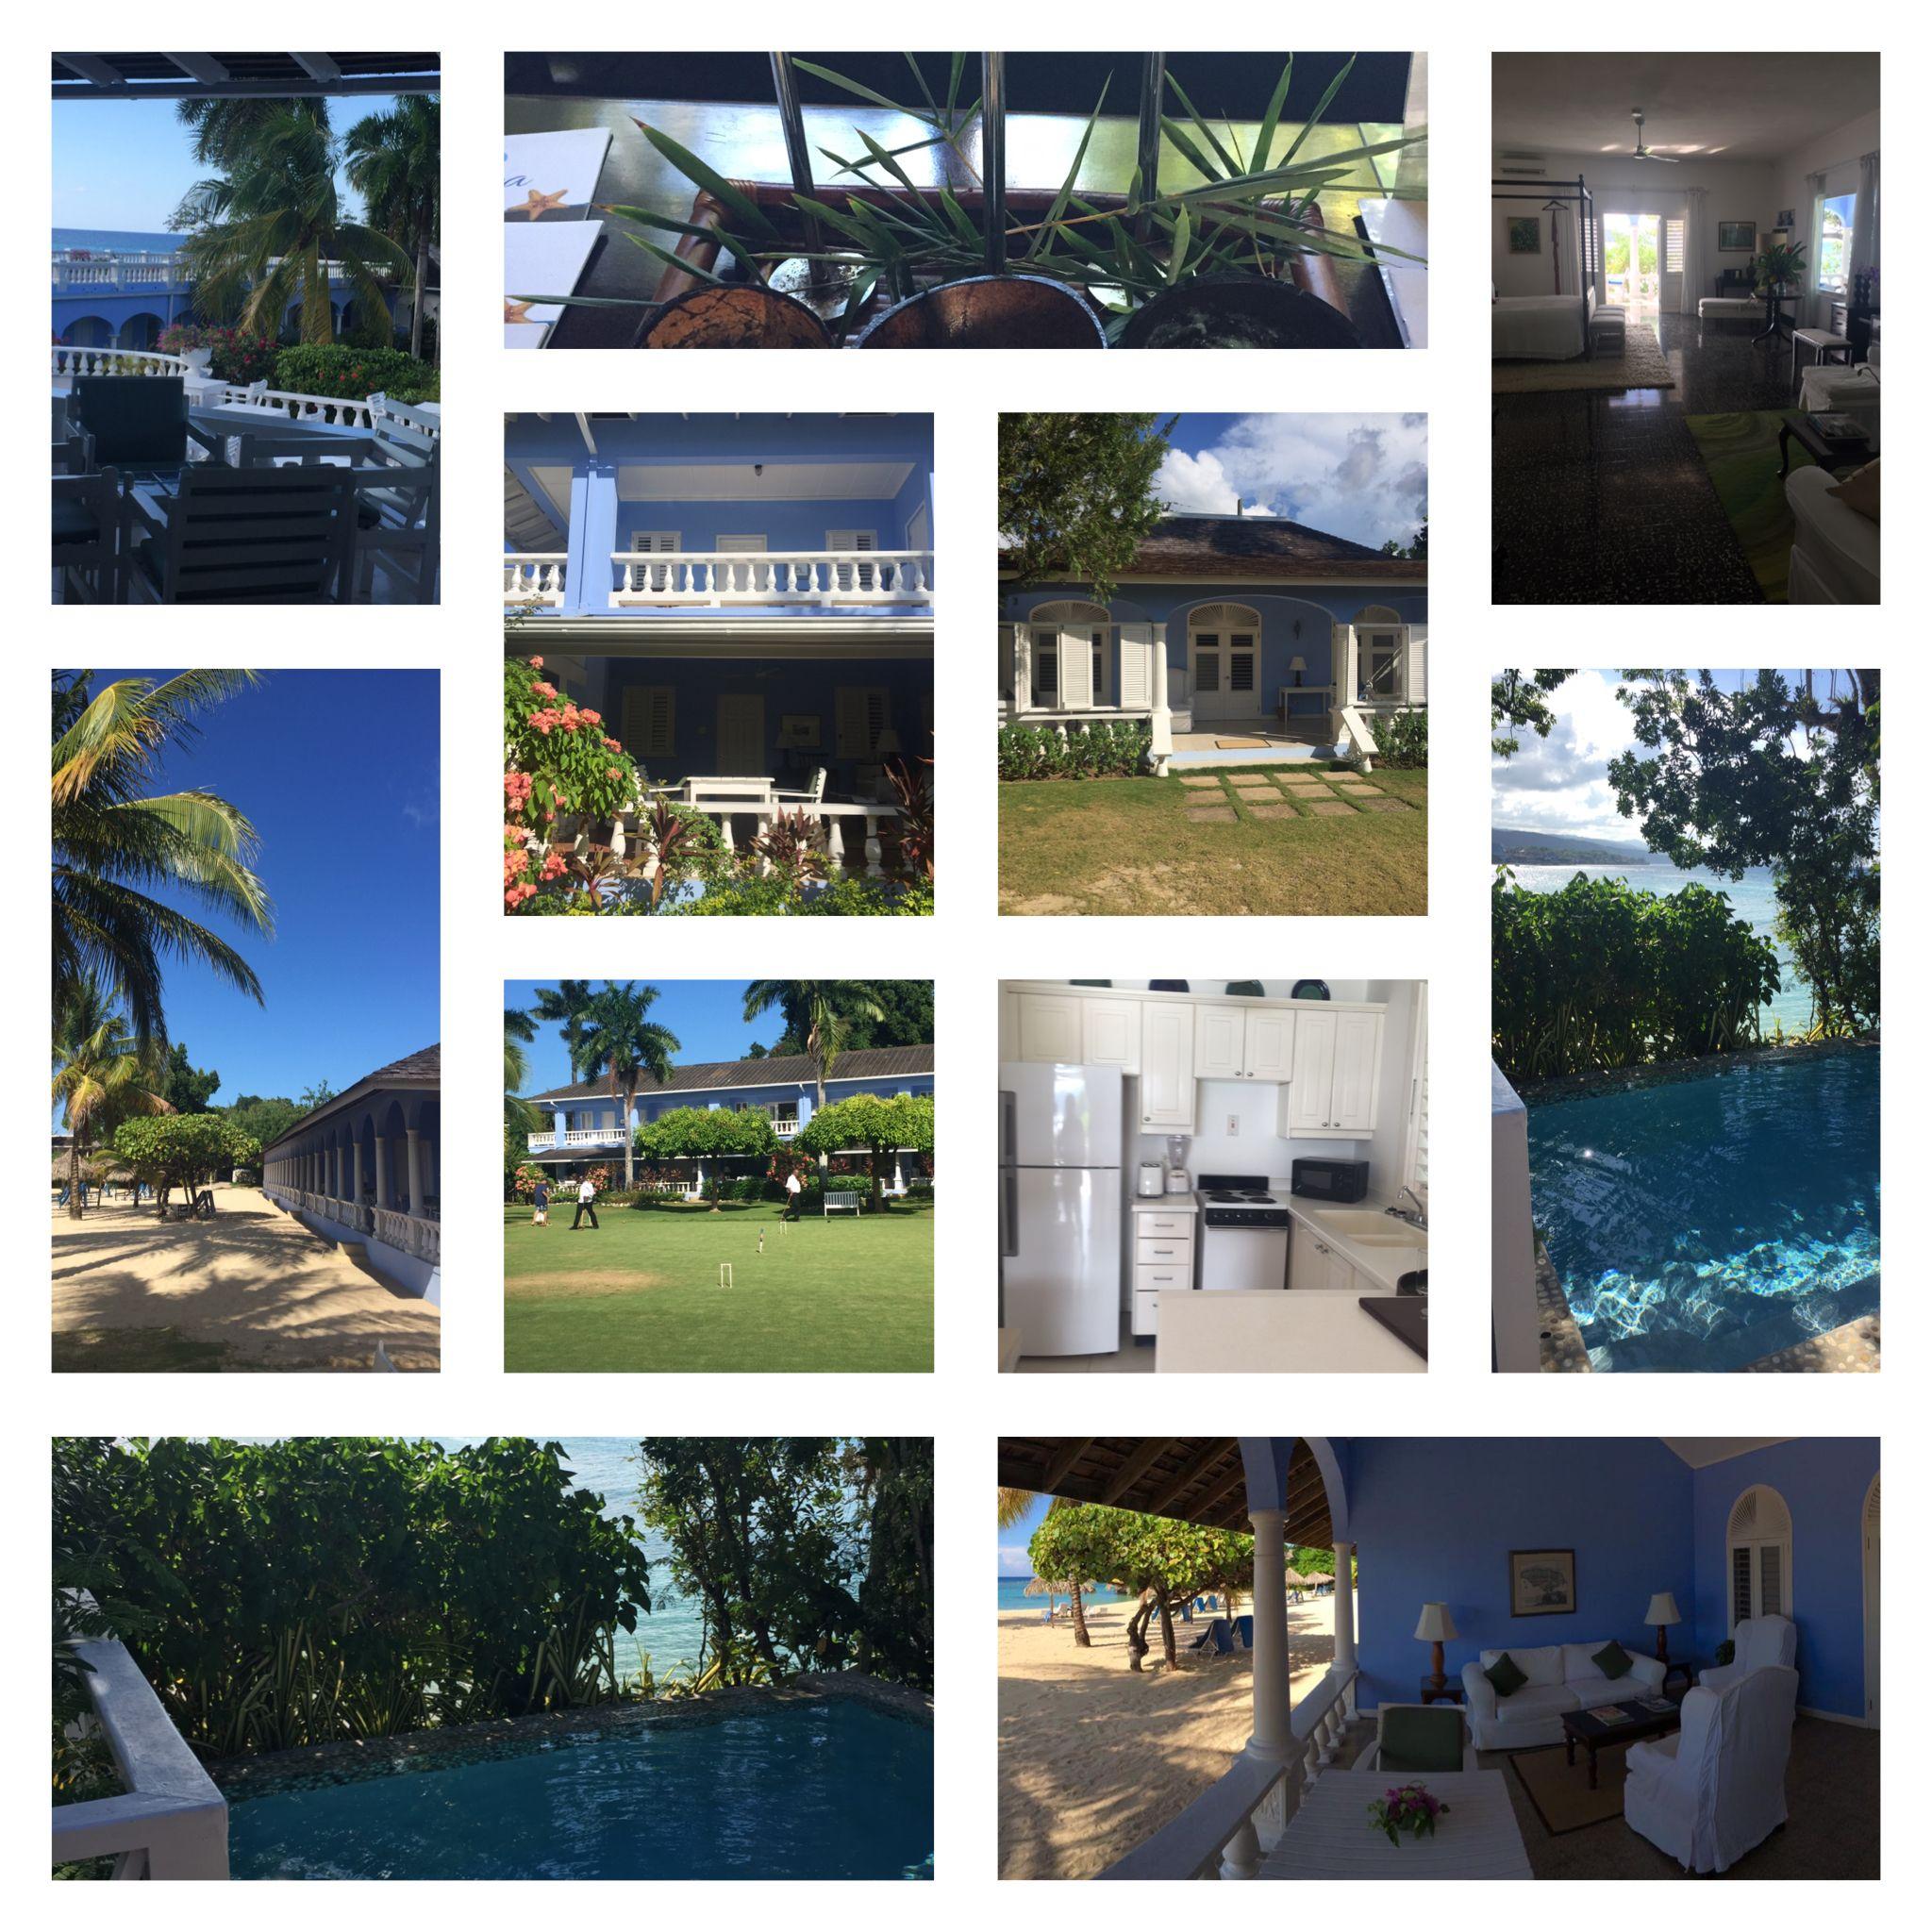 Ocho Rios-Jamaica Inn. Leuke cottages met keuken en zwembad, beachfrontsuites met woonkamer buiten. Goed onderhouden, sfeer.